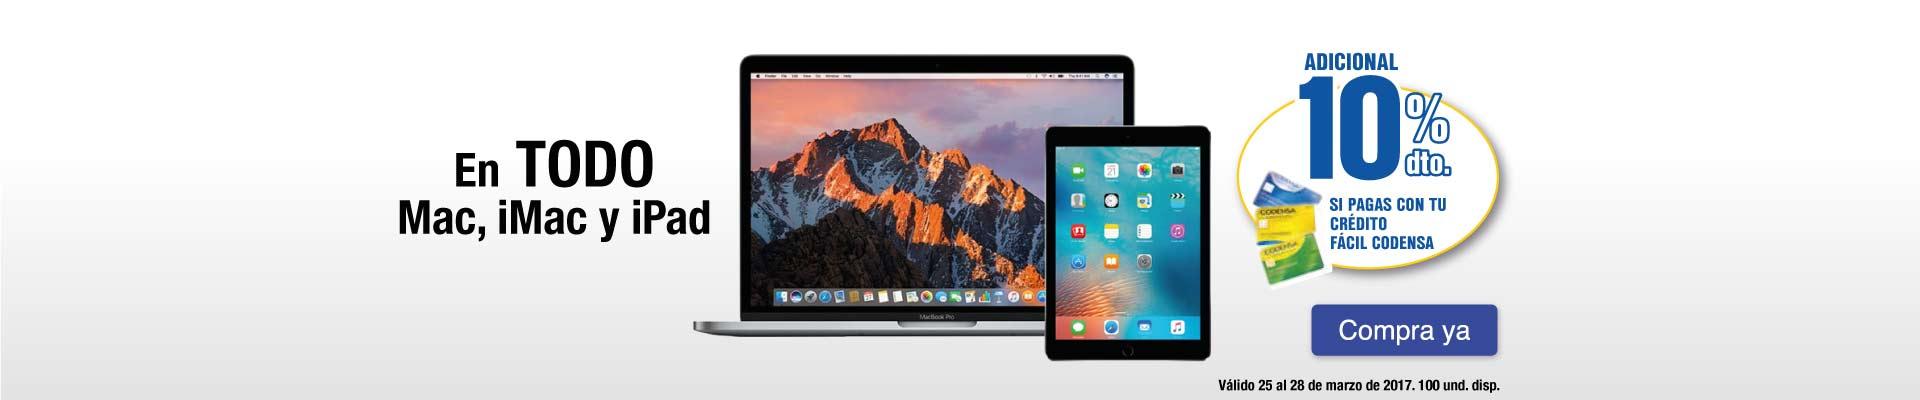 PPAL KT - 10% Dto. Adicional Codensa en todo Mac, iMac y iPad - Mar 25